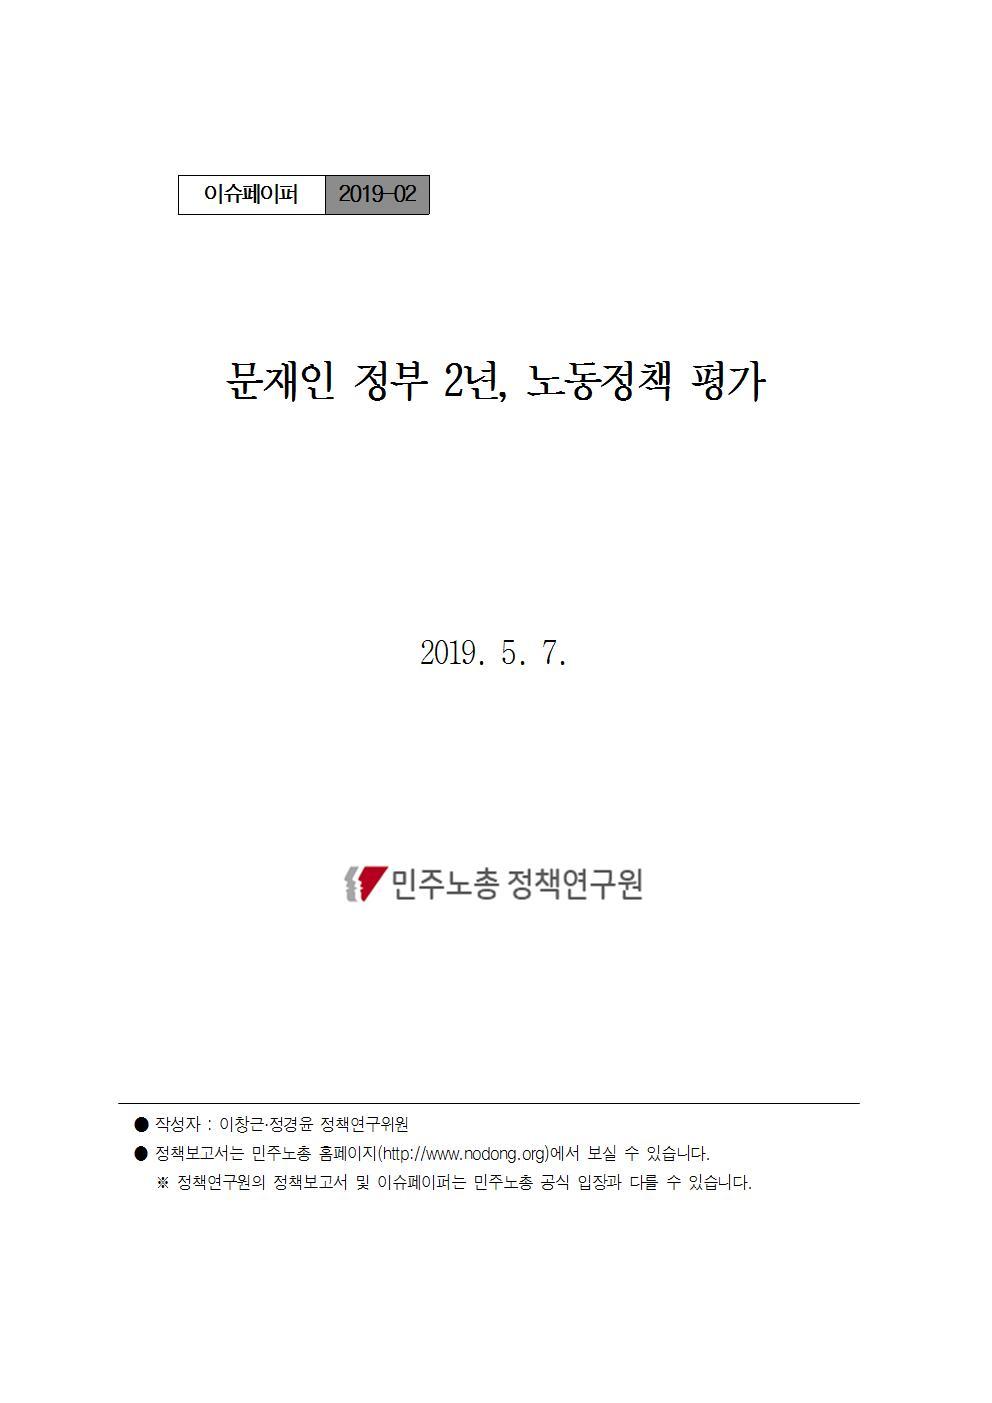 [민주노총정책연구원 이슈페이퍼]190507_문재인2년노동정책평가_Final(표지)001.jpg